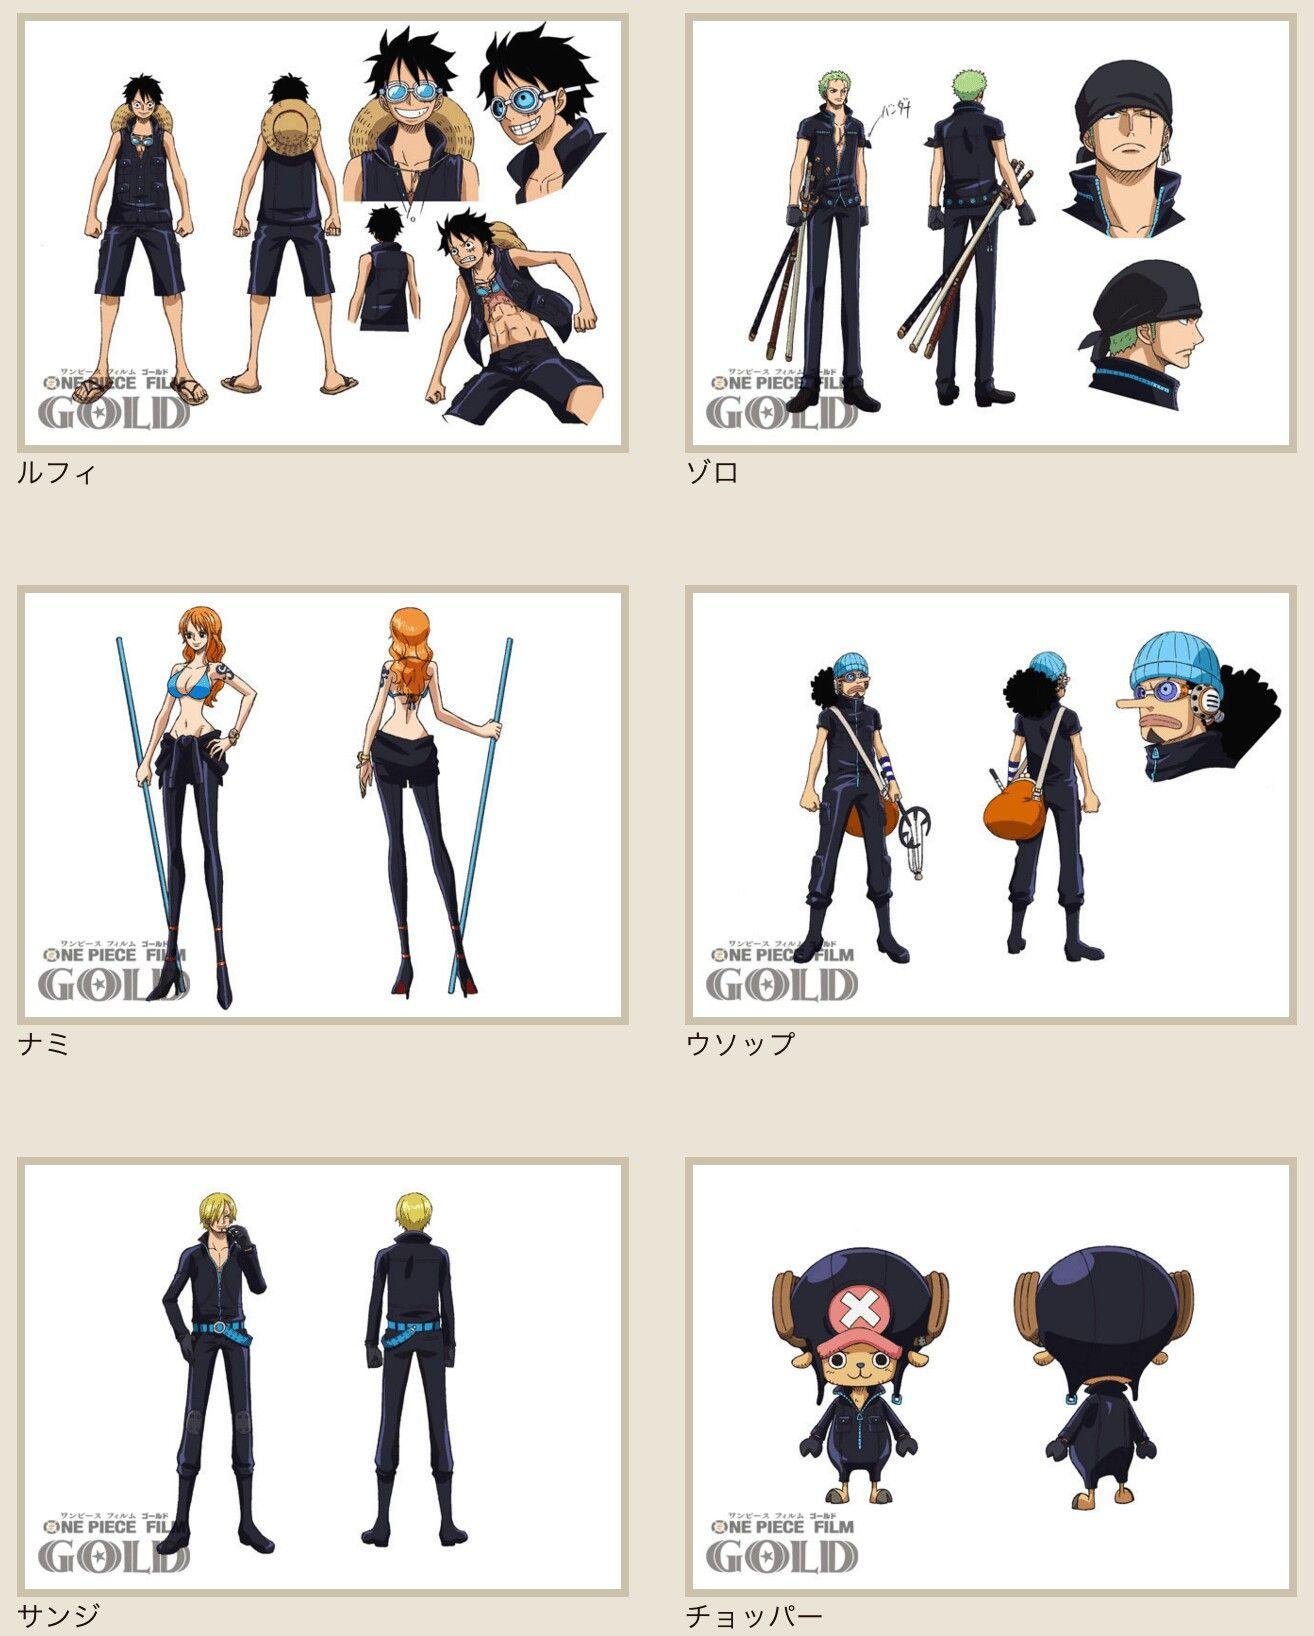 Luffy, Zoro, Nami, Usopp, Sanji, Chopper, Text, One Piece